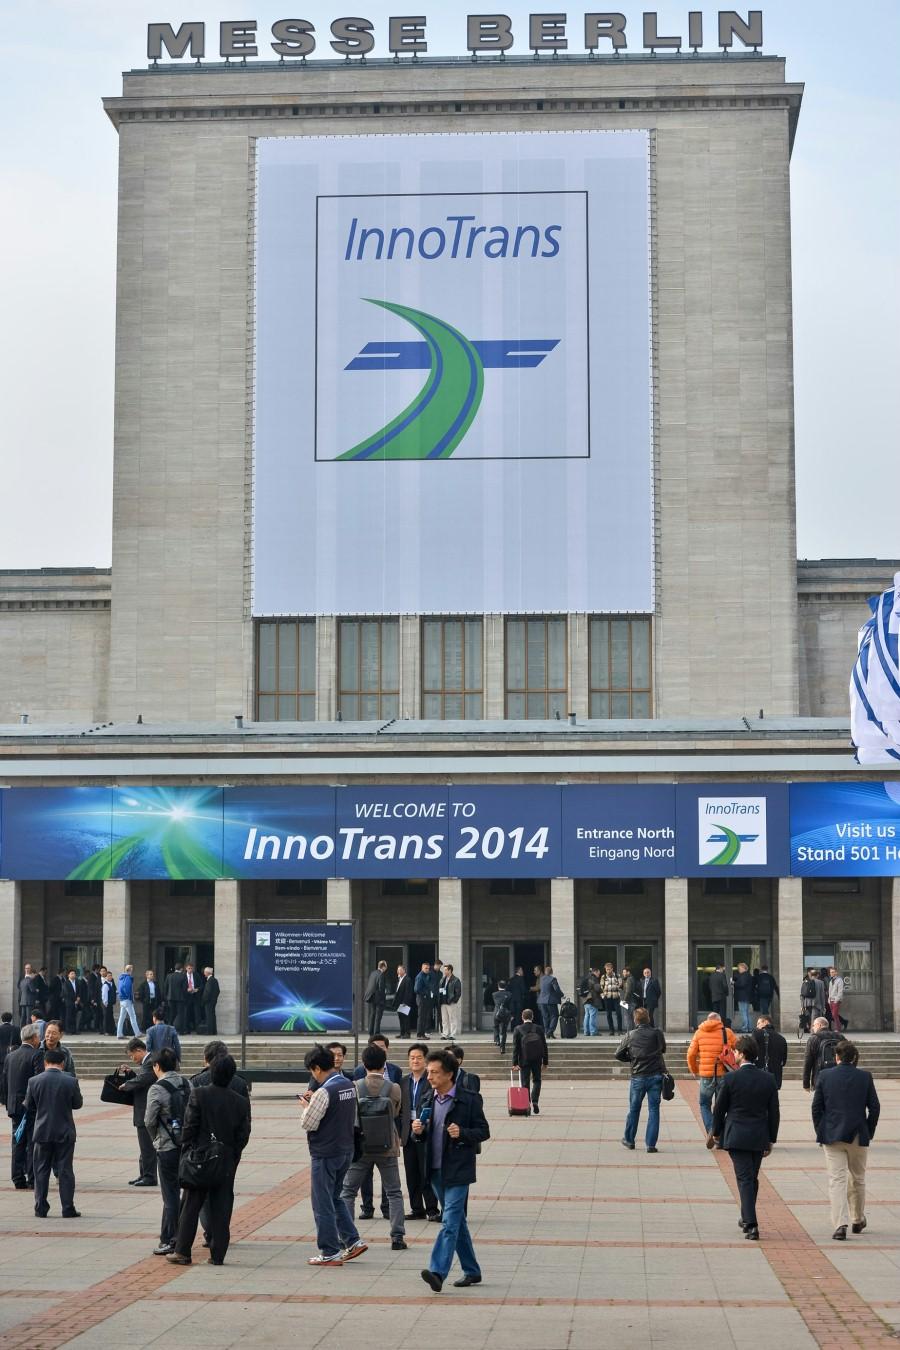 5. InnoTrans_2014_Entrance North